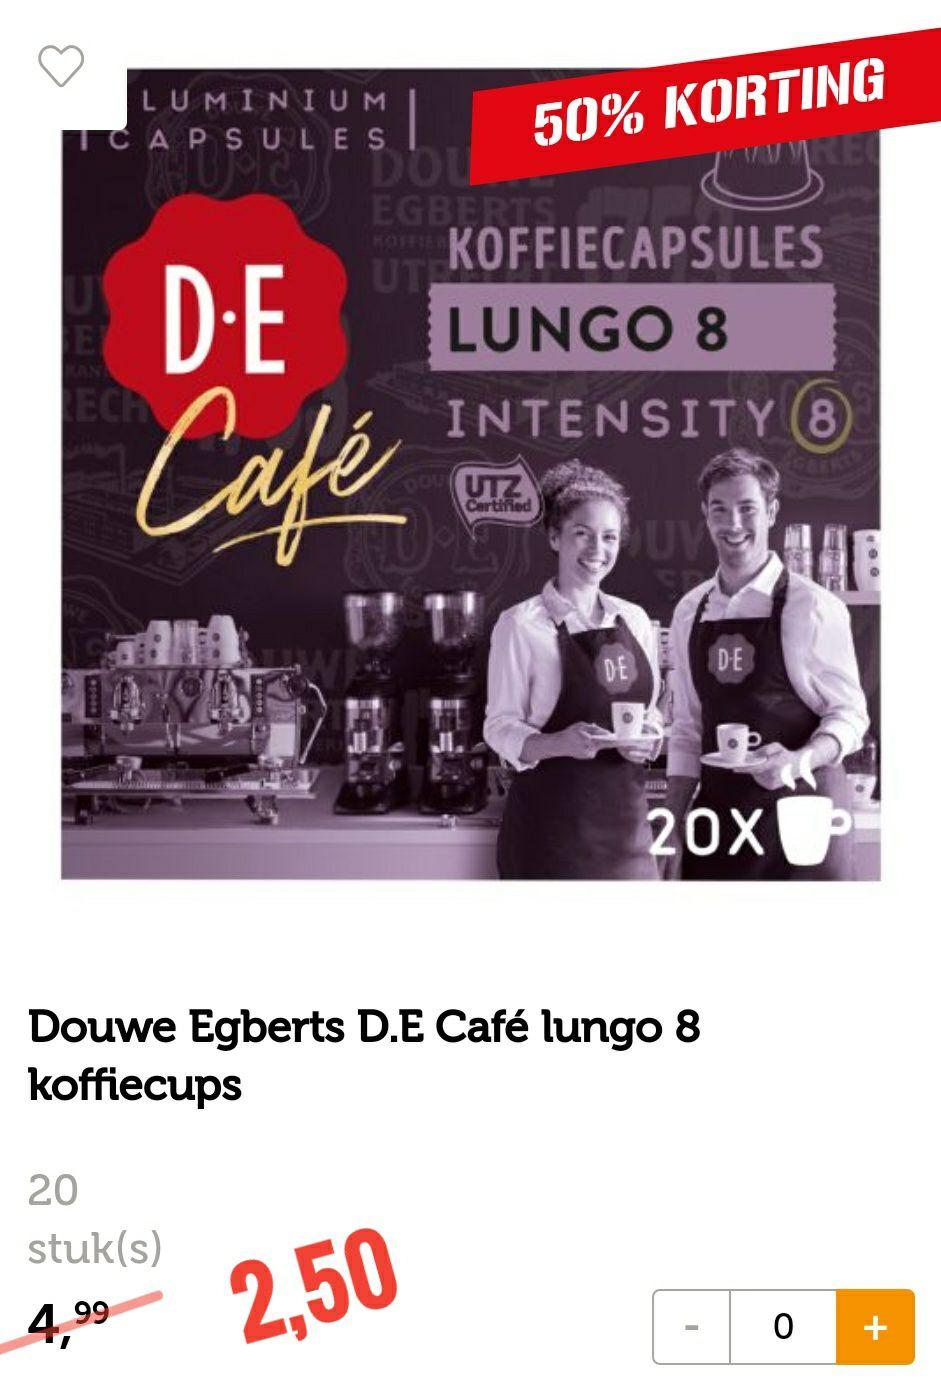 Douwe Egberts D.E Café lungo 8 koffiecups - 20 cups voor €2,50 bij Coop